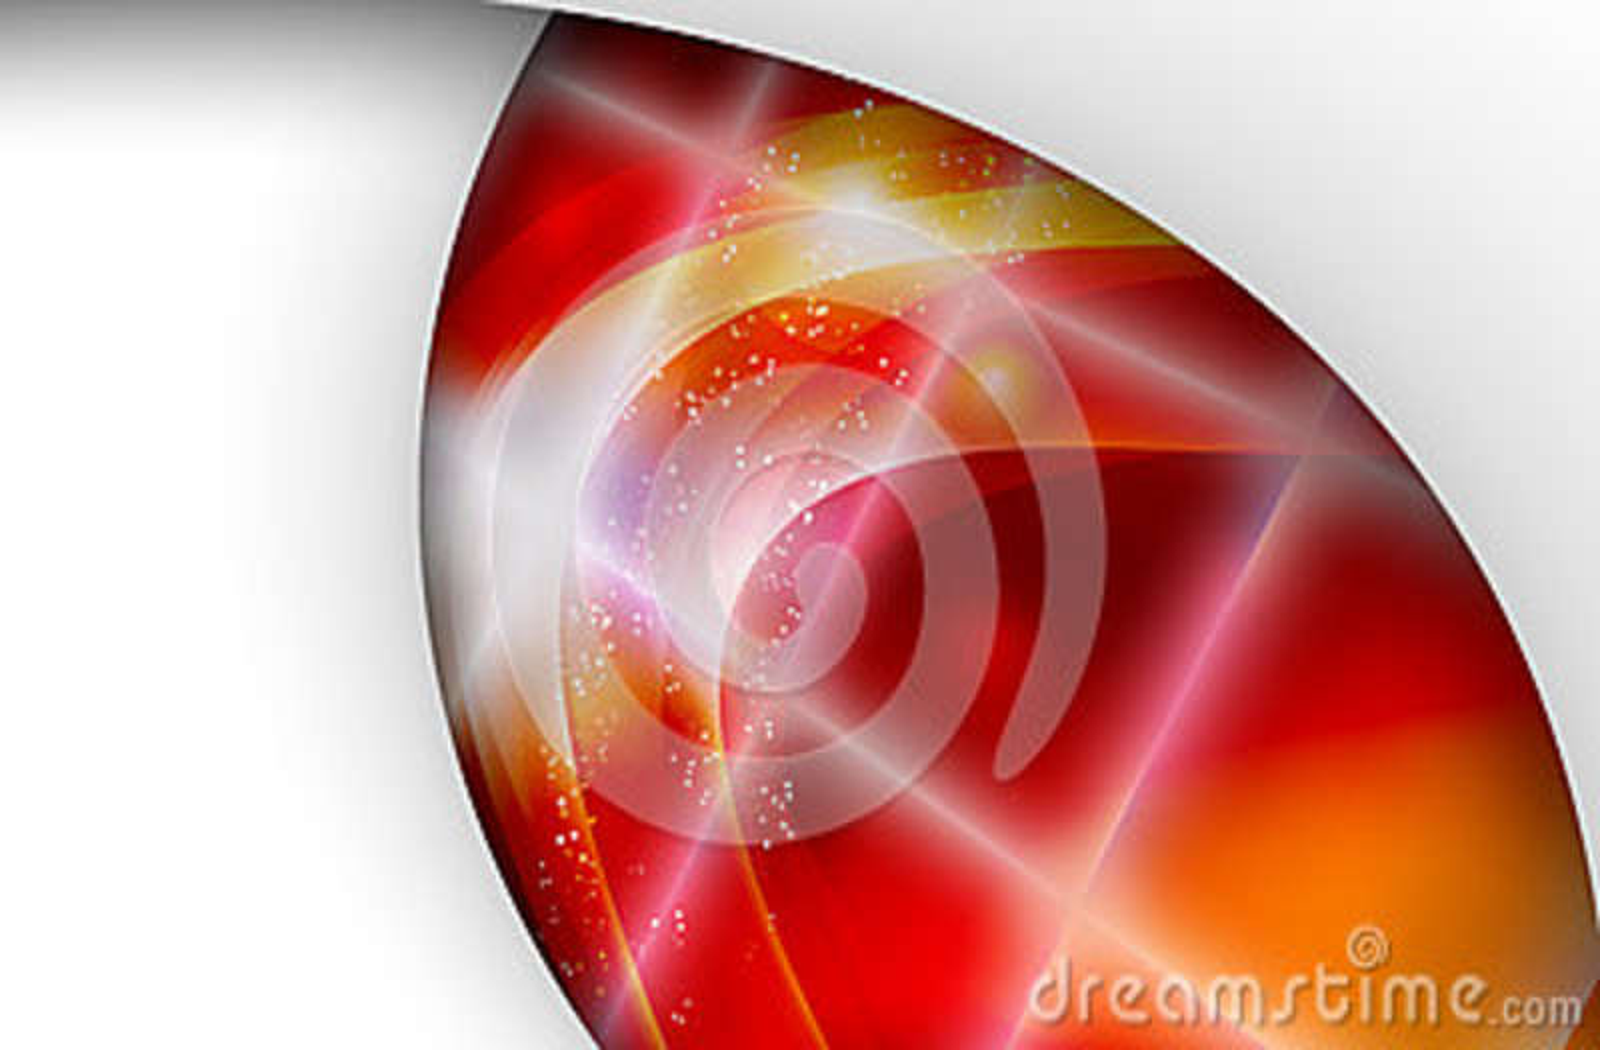 Download Fondo Con Le Linee Di Prospettiva Illustrazione di Stock - Illustrazione di colore, disegno: 36893339